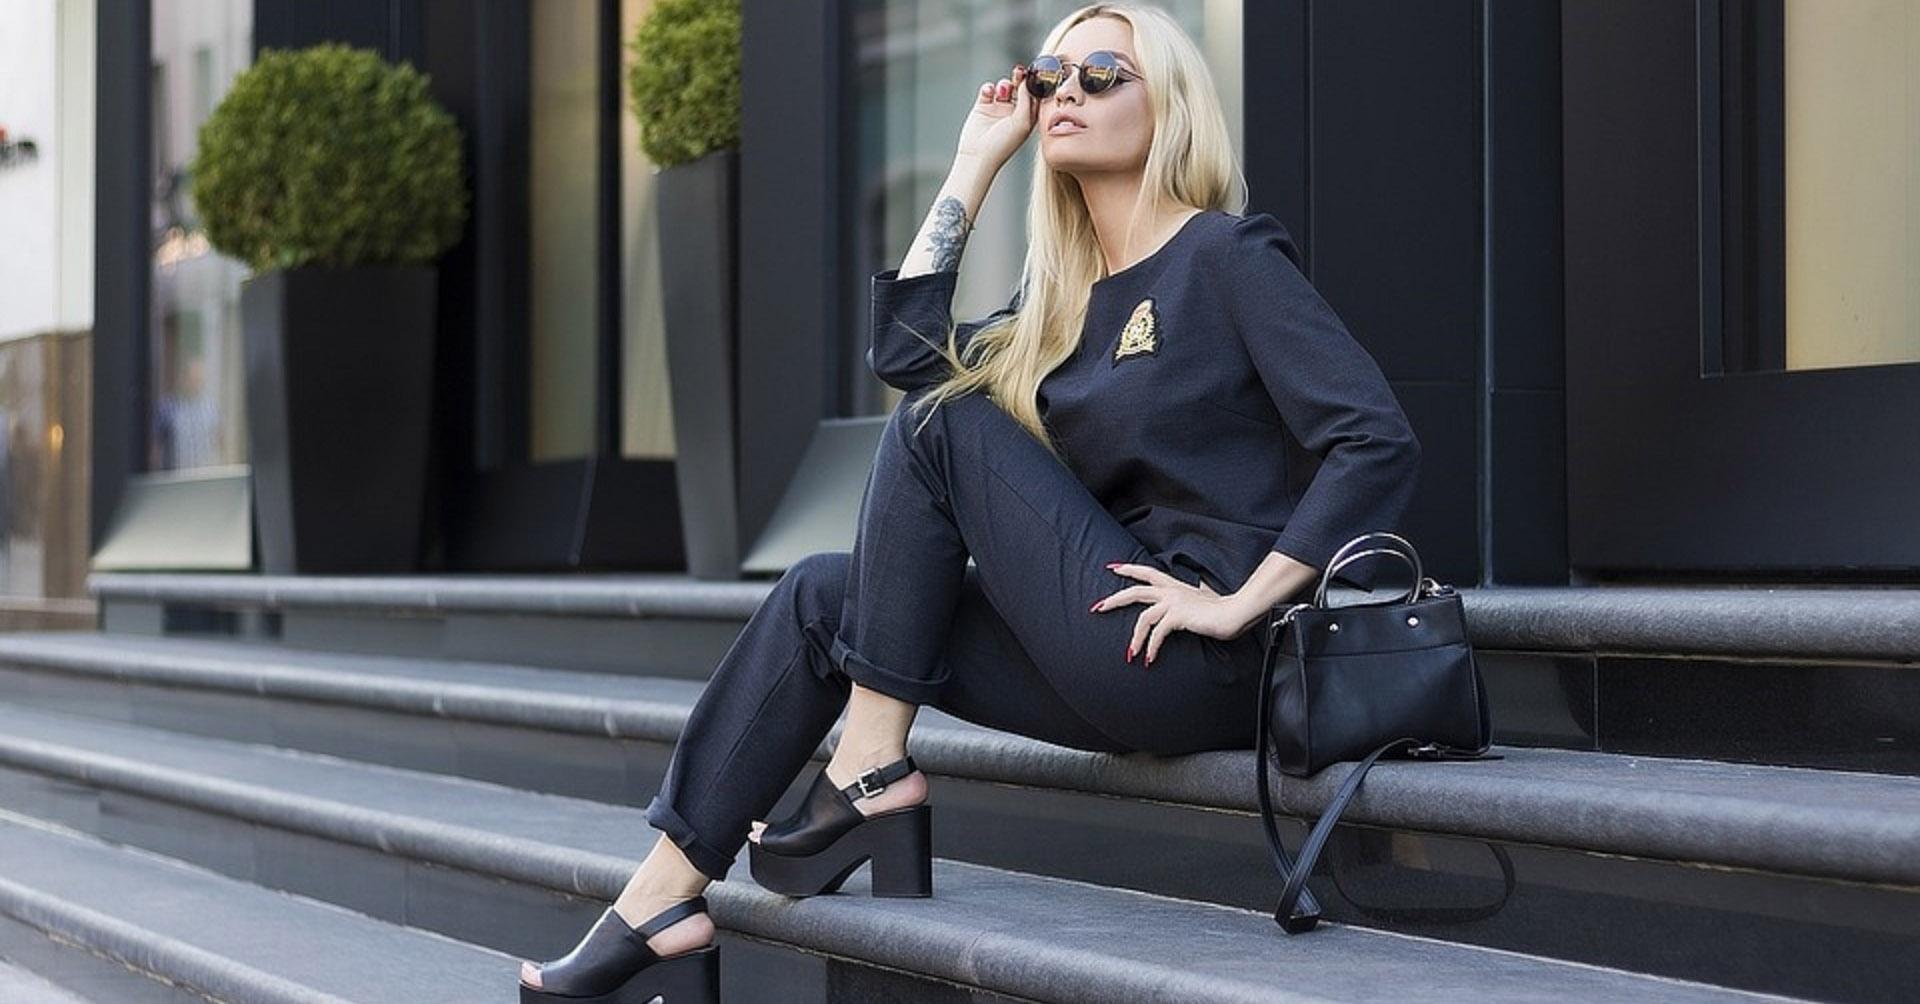 Ընտրեք ձեր հրեշտակին և հաղորդագրություն ստացեք